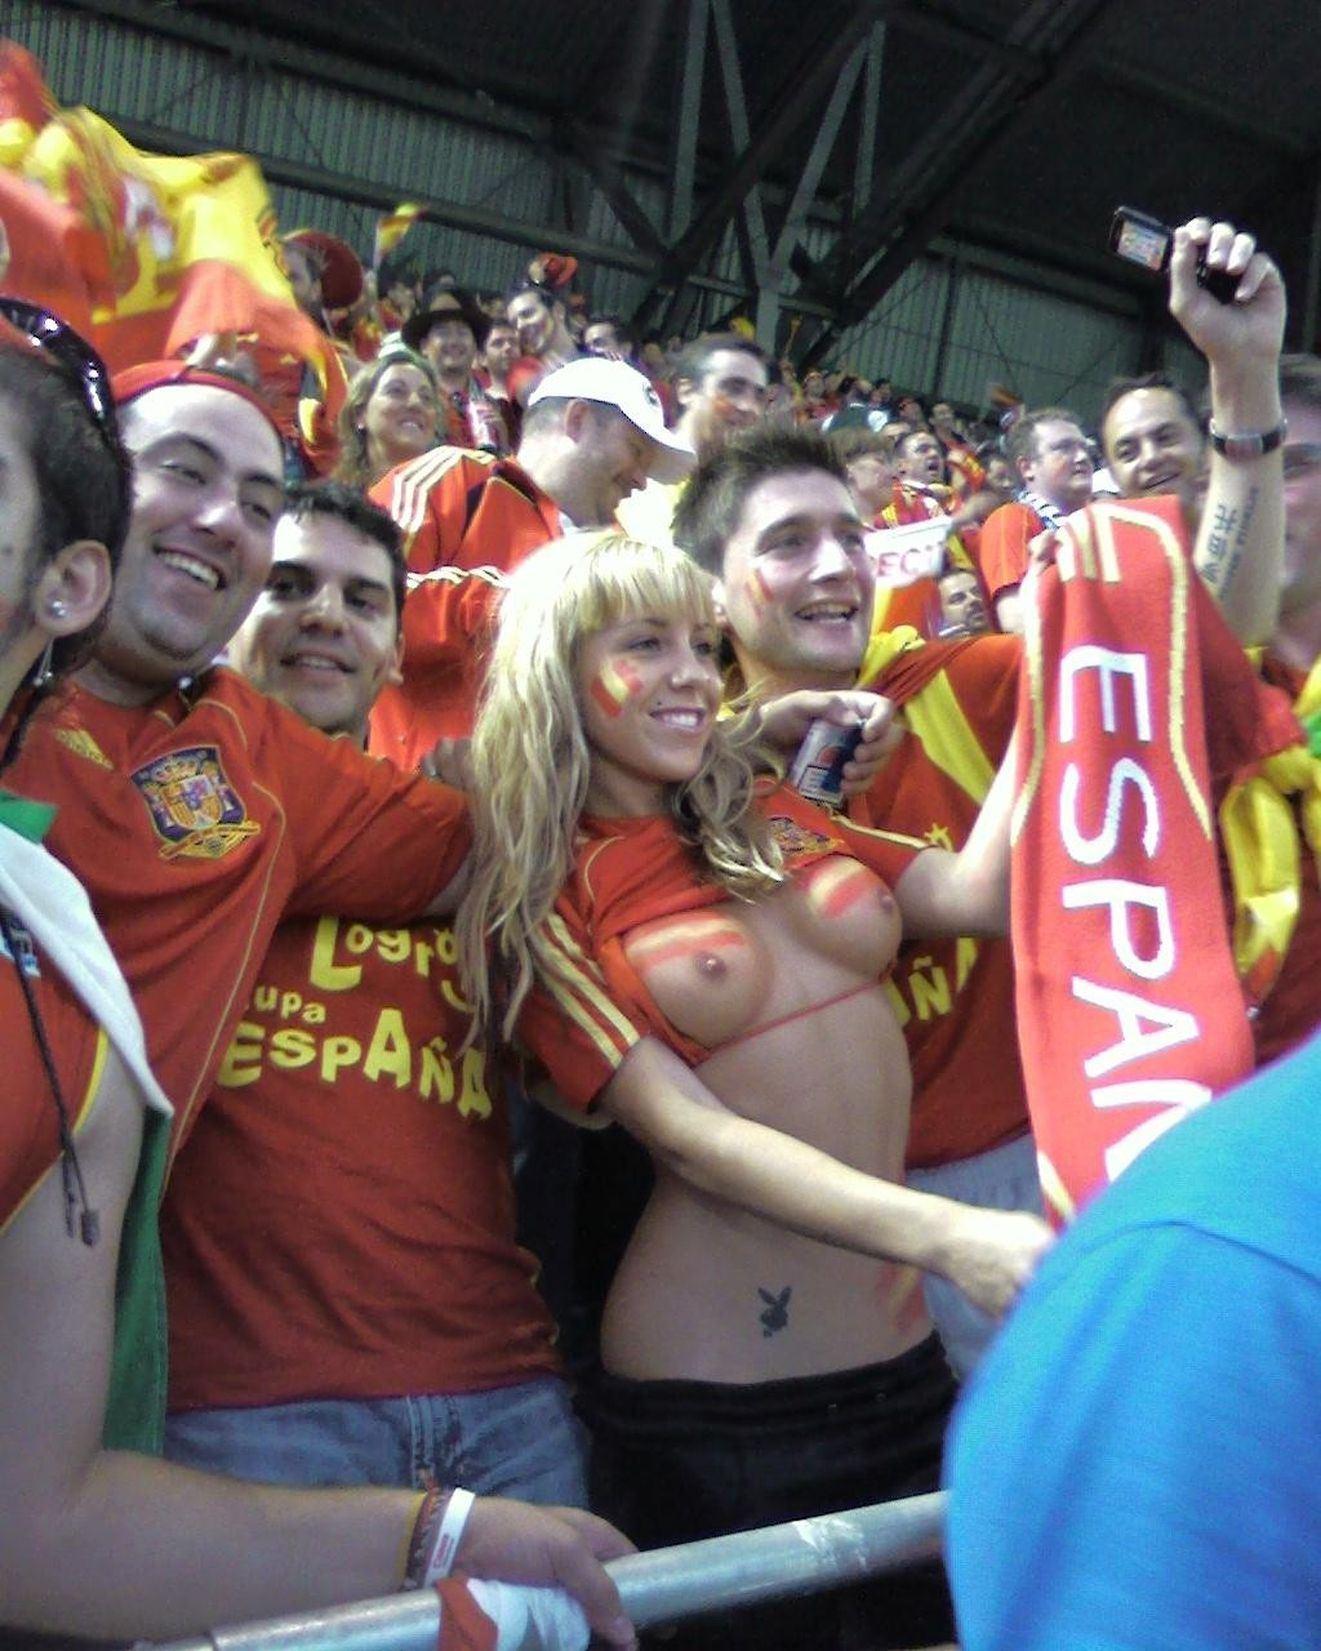 【サポーターエロ画像】早くもワールドカップが待ちきれない!海外サポーターが熱狂し過ぎておっぱいポロリwwww その14